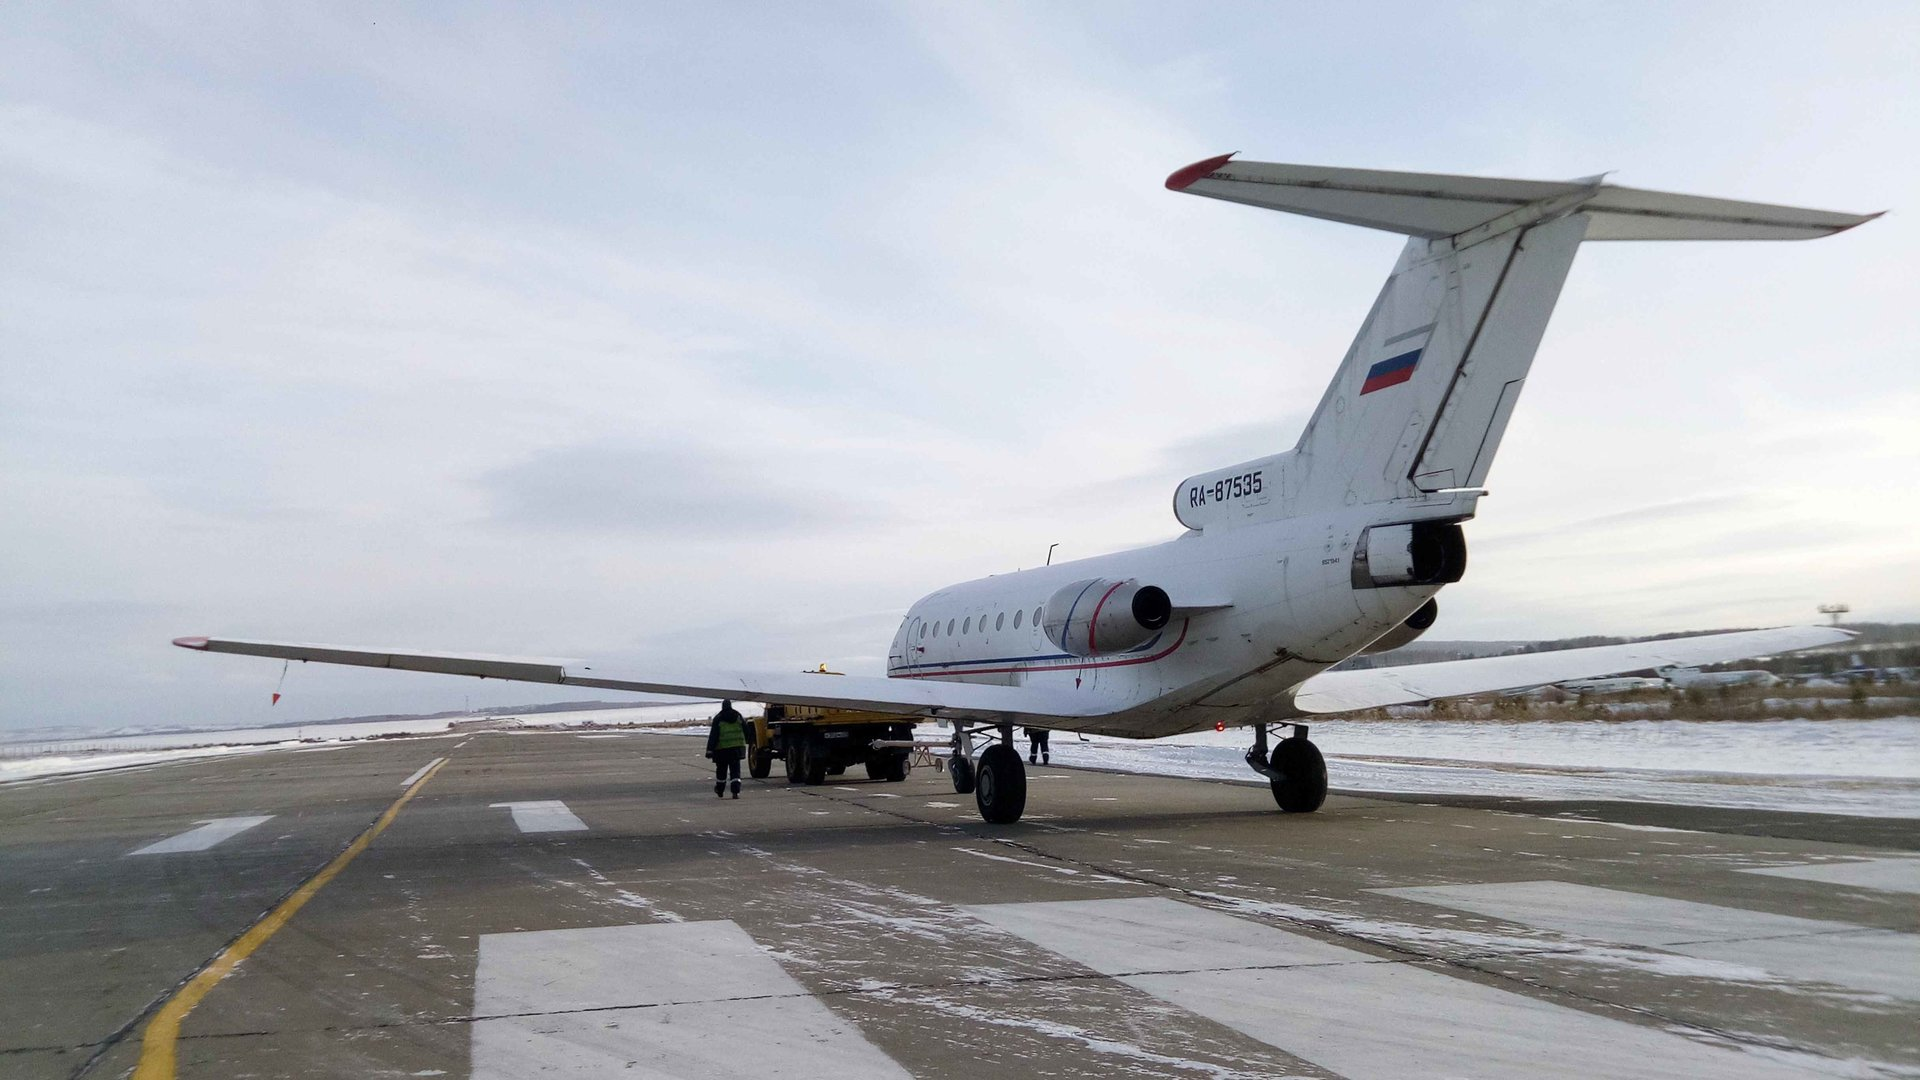 Як-40 в последний раз едет по взлетной полосе в а/п Черемшанка